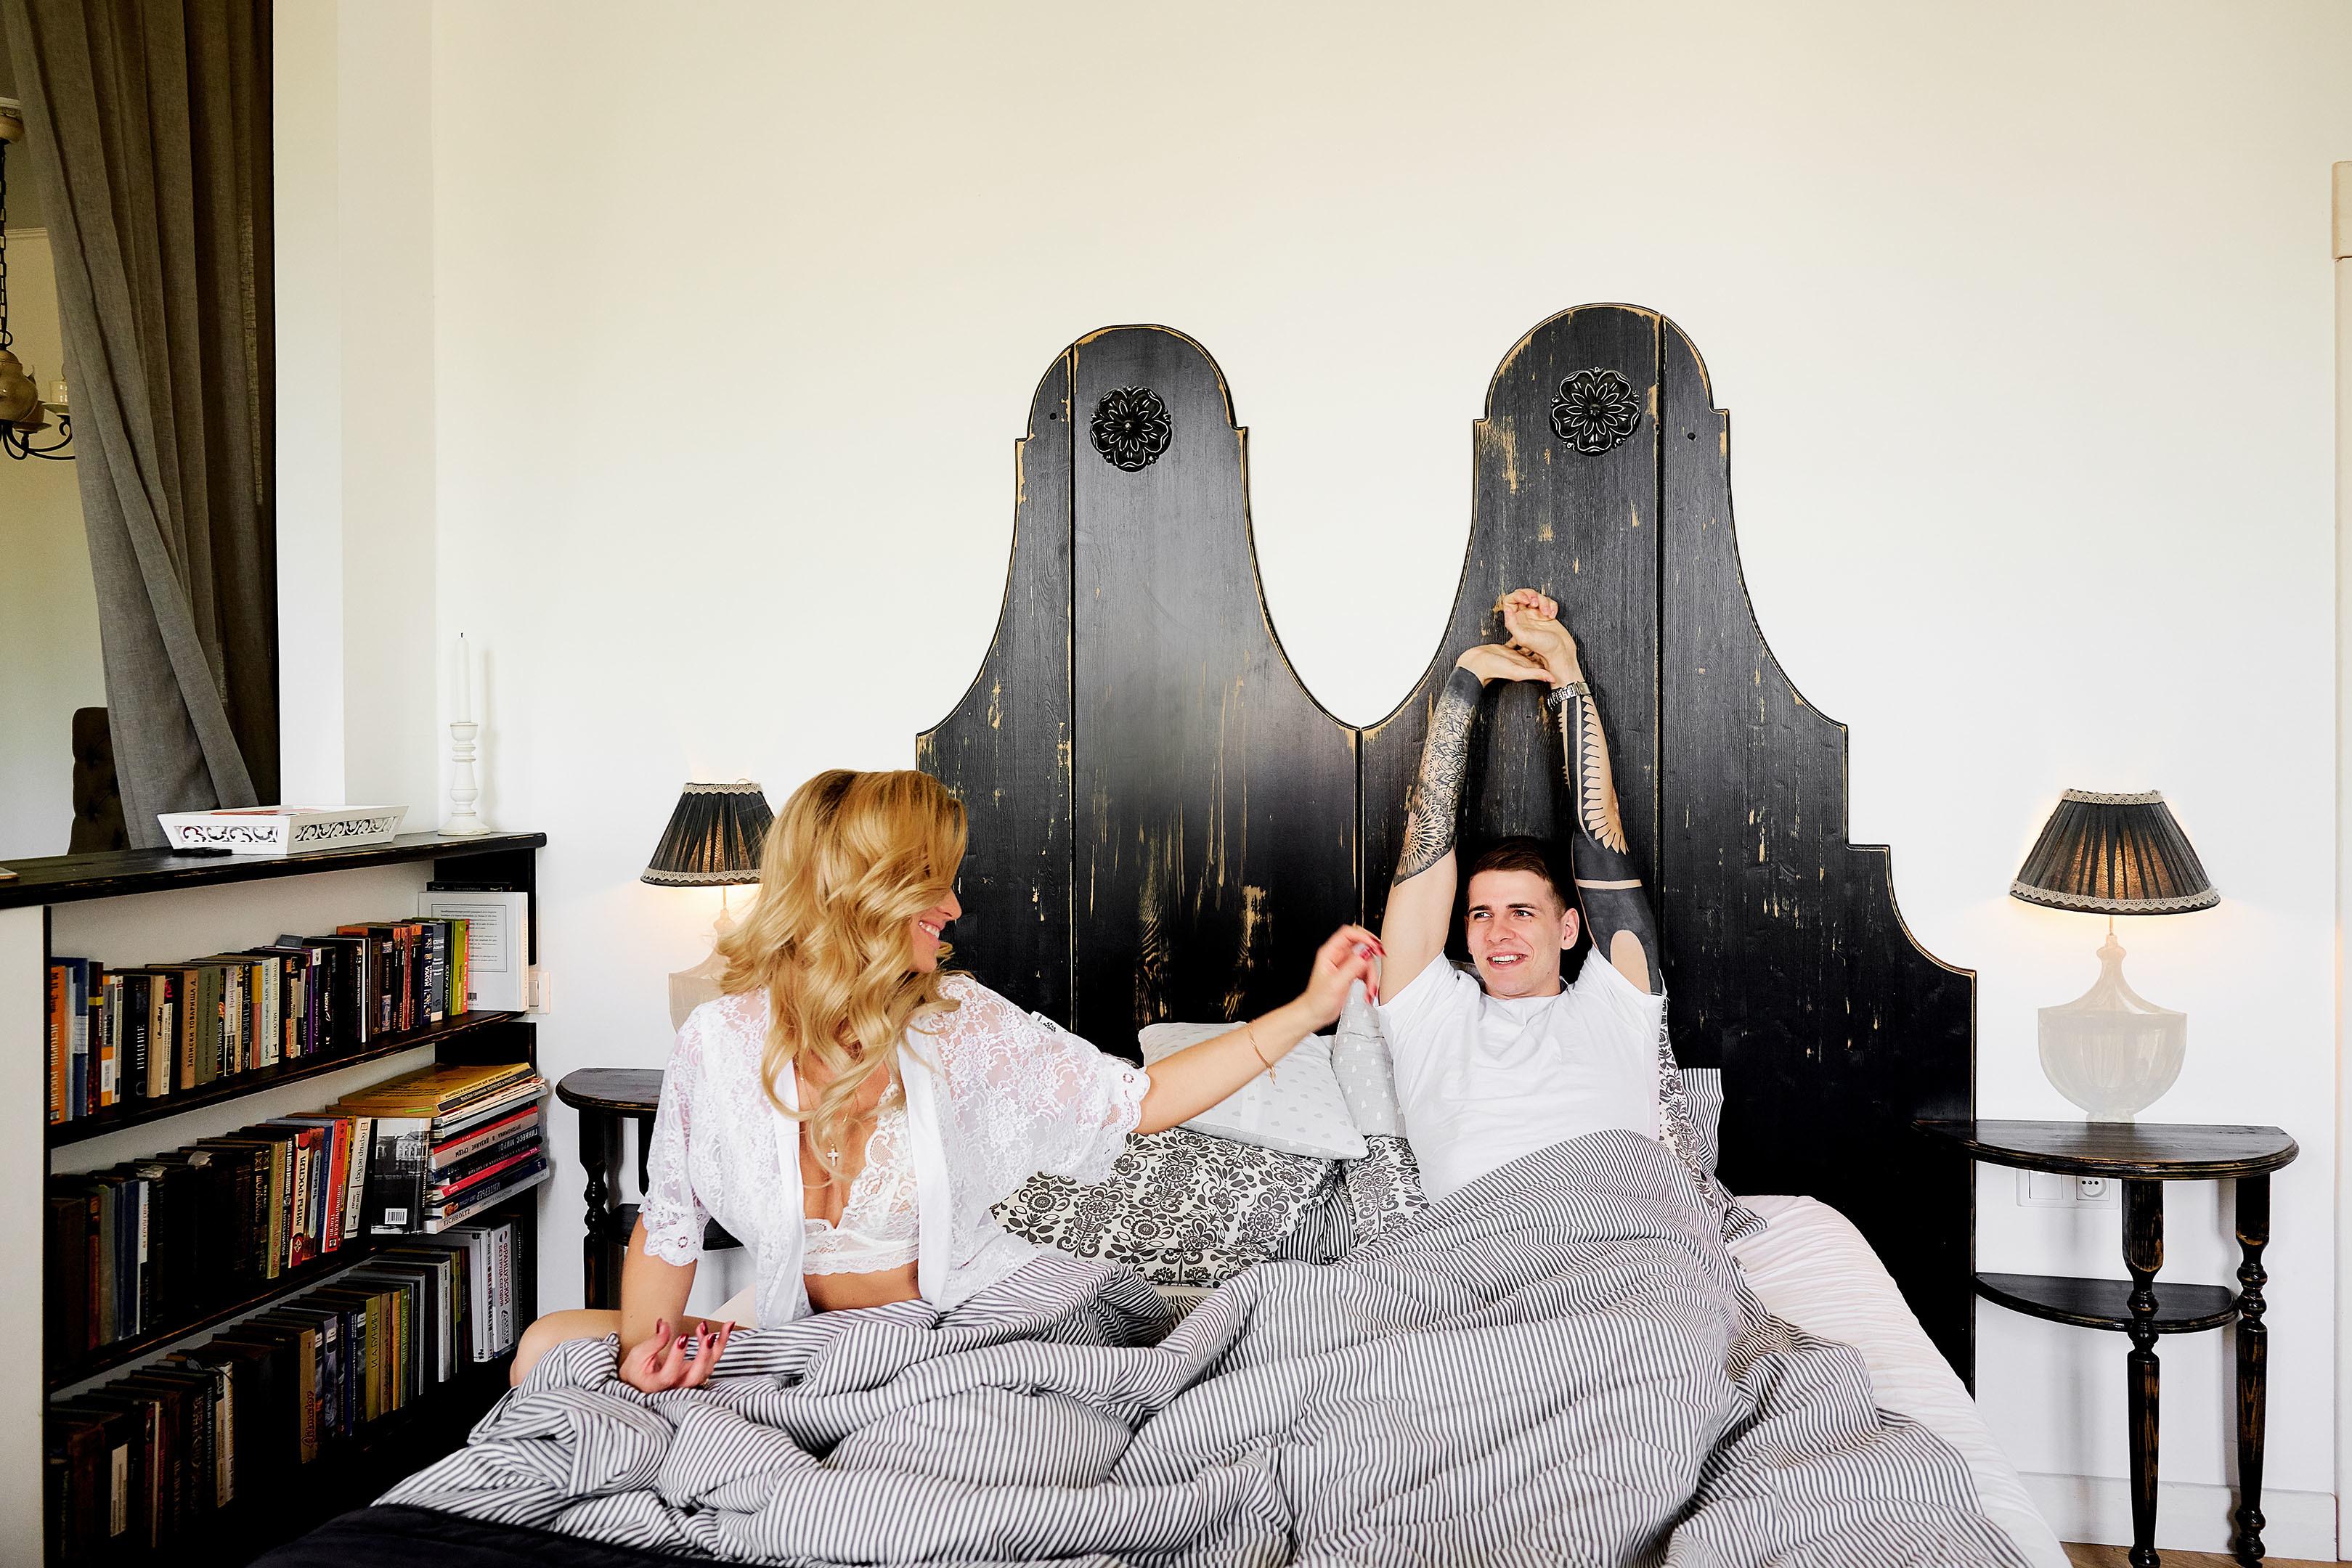 Совместное утро жениха и невесты в апартаментах, свадебный фотограф спб